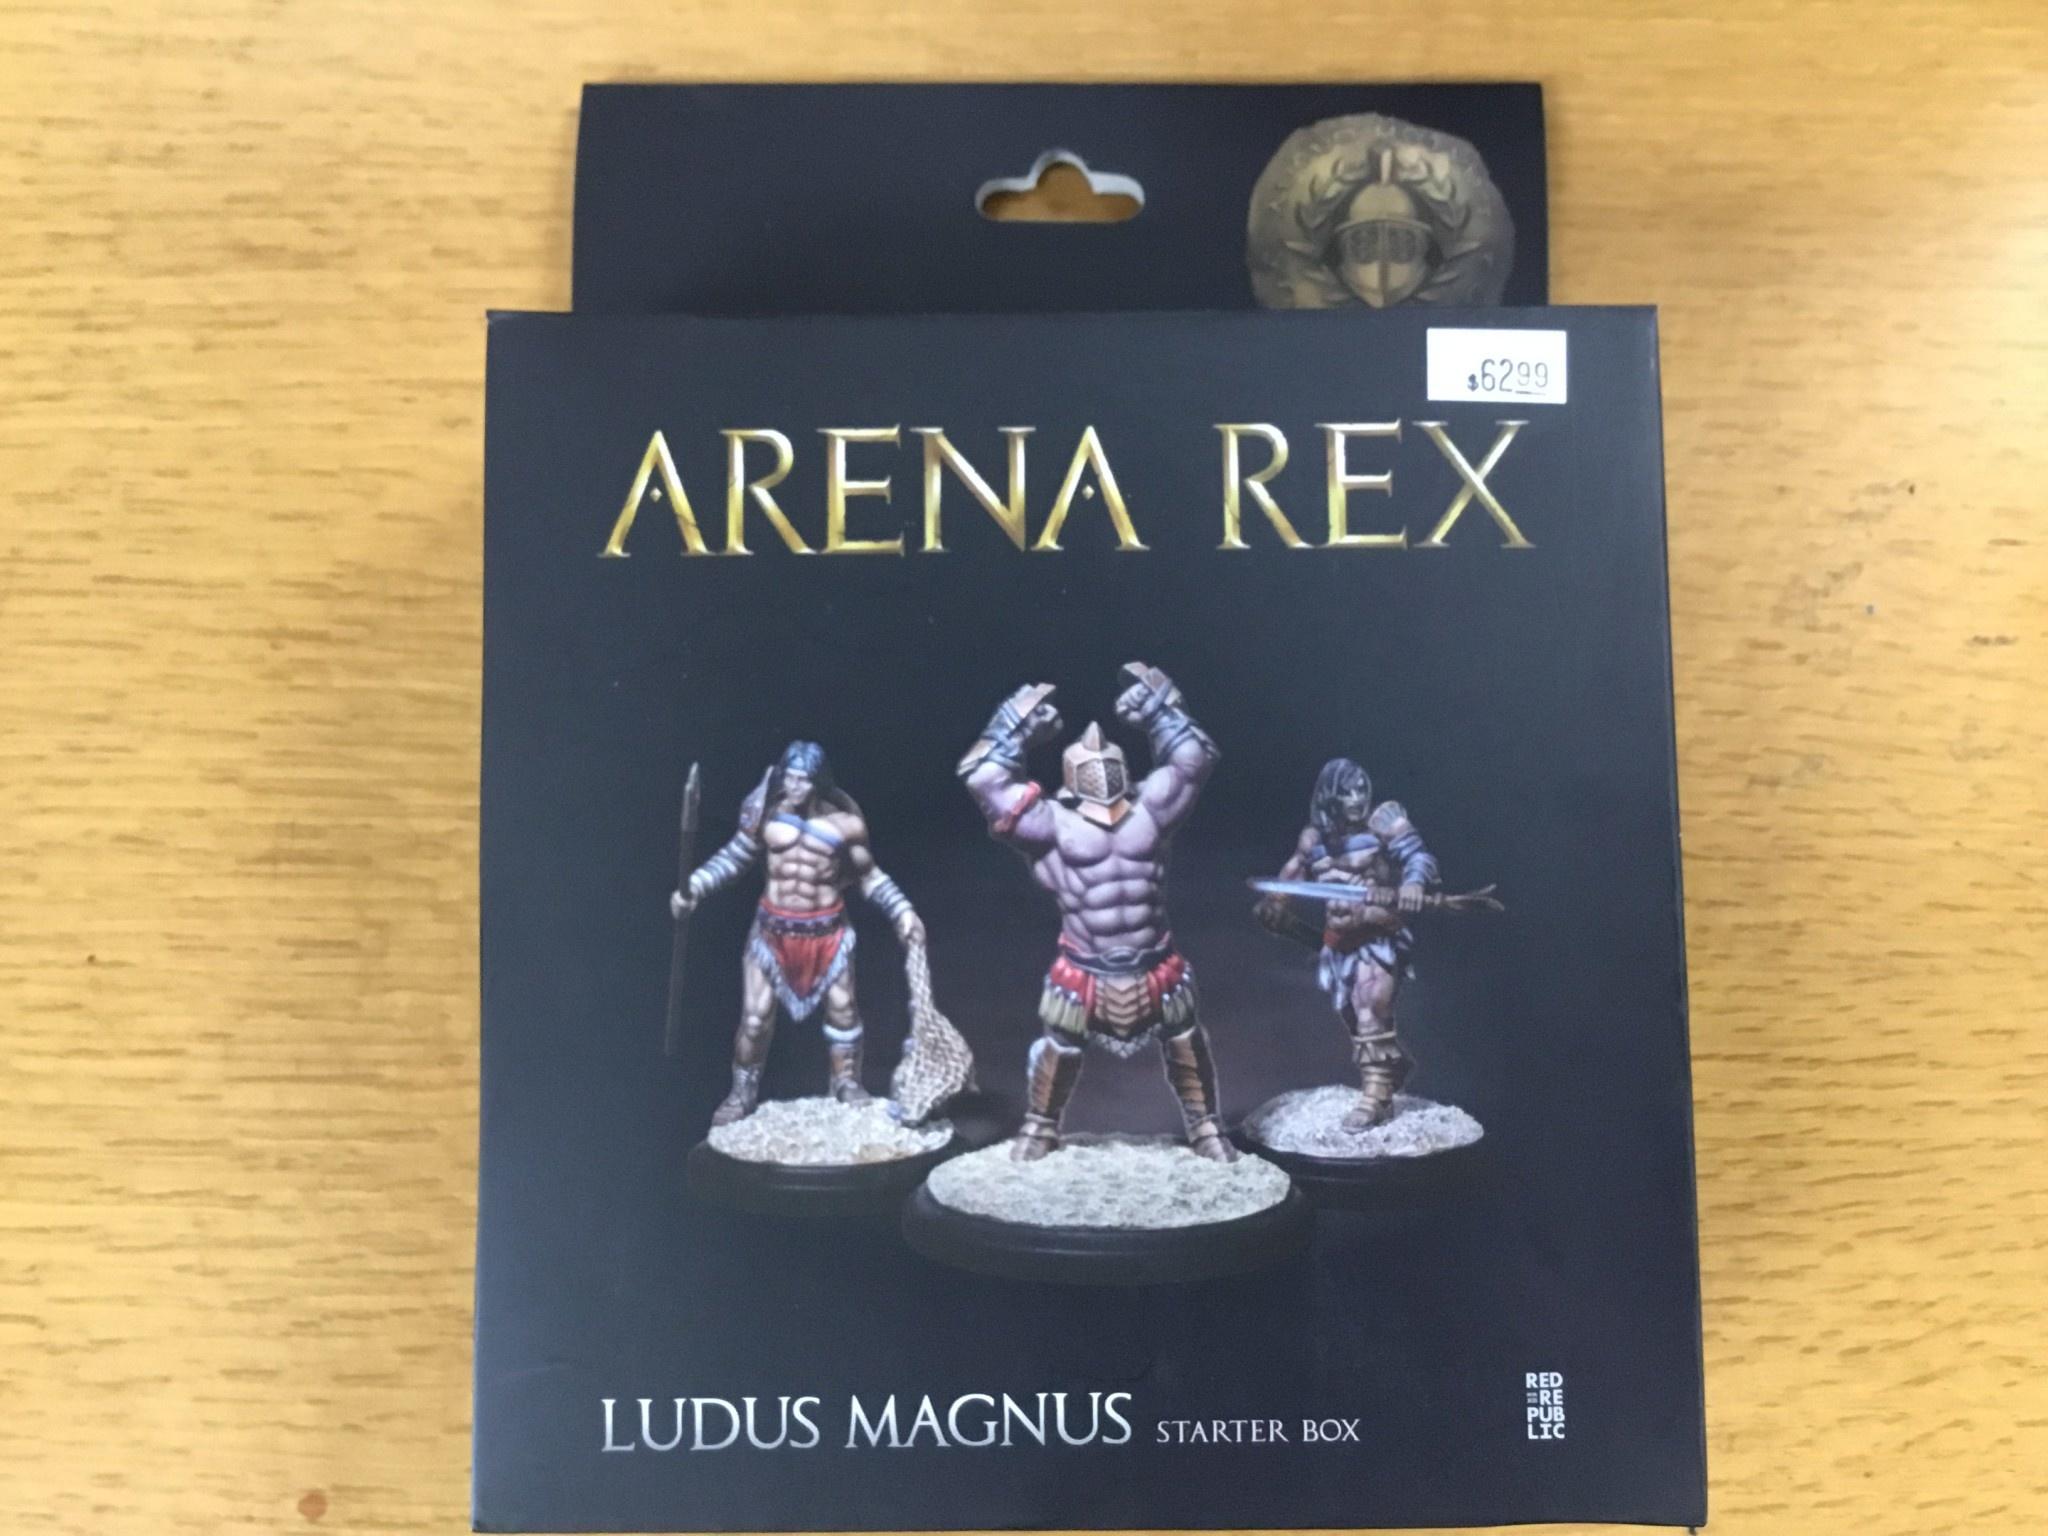 Red republic Arena Rex: Ludus Magnus Starter Box